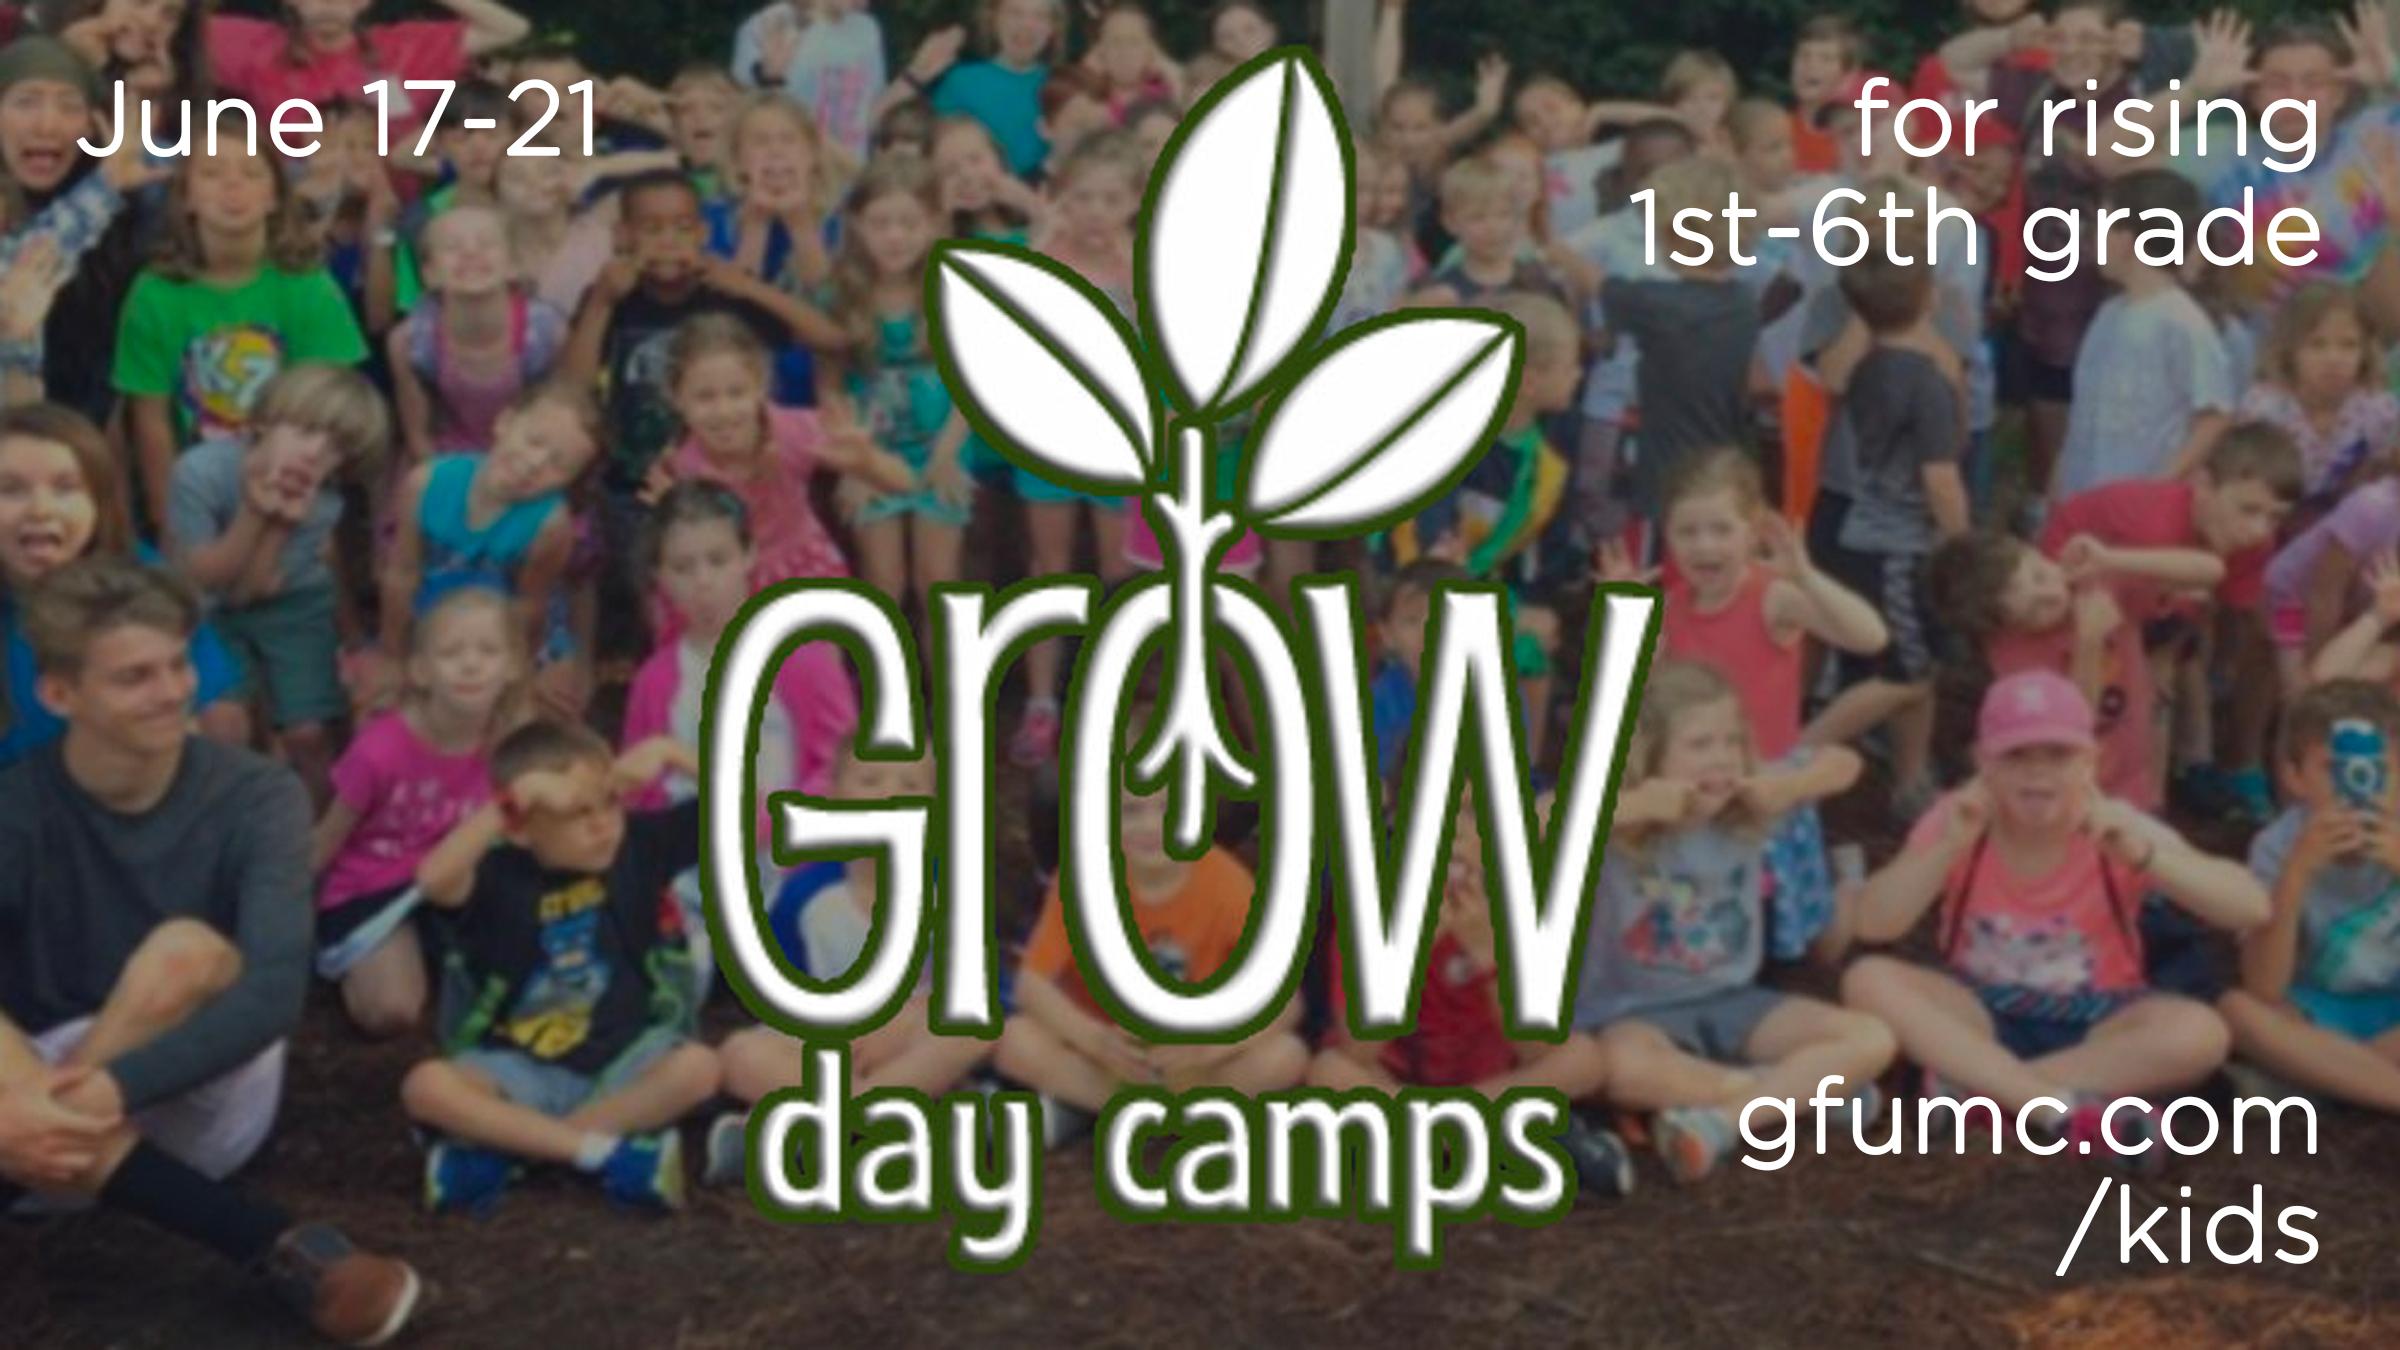 screen_growdaycamp_info_2019.jpg